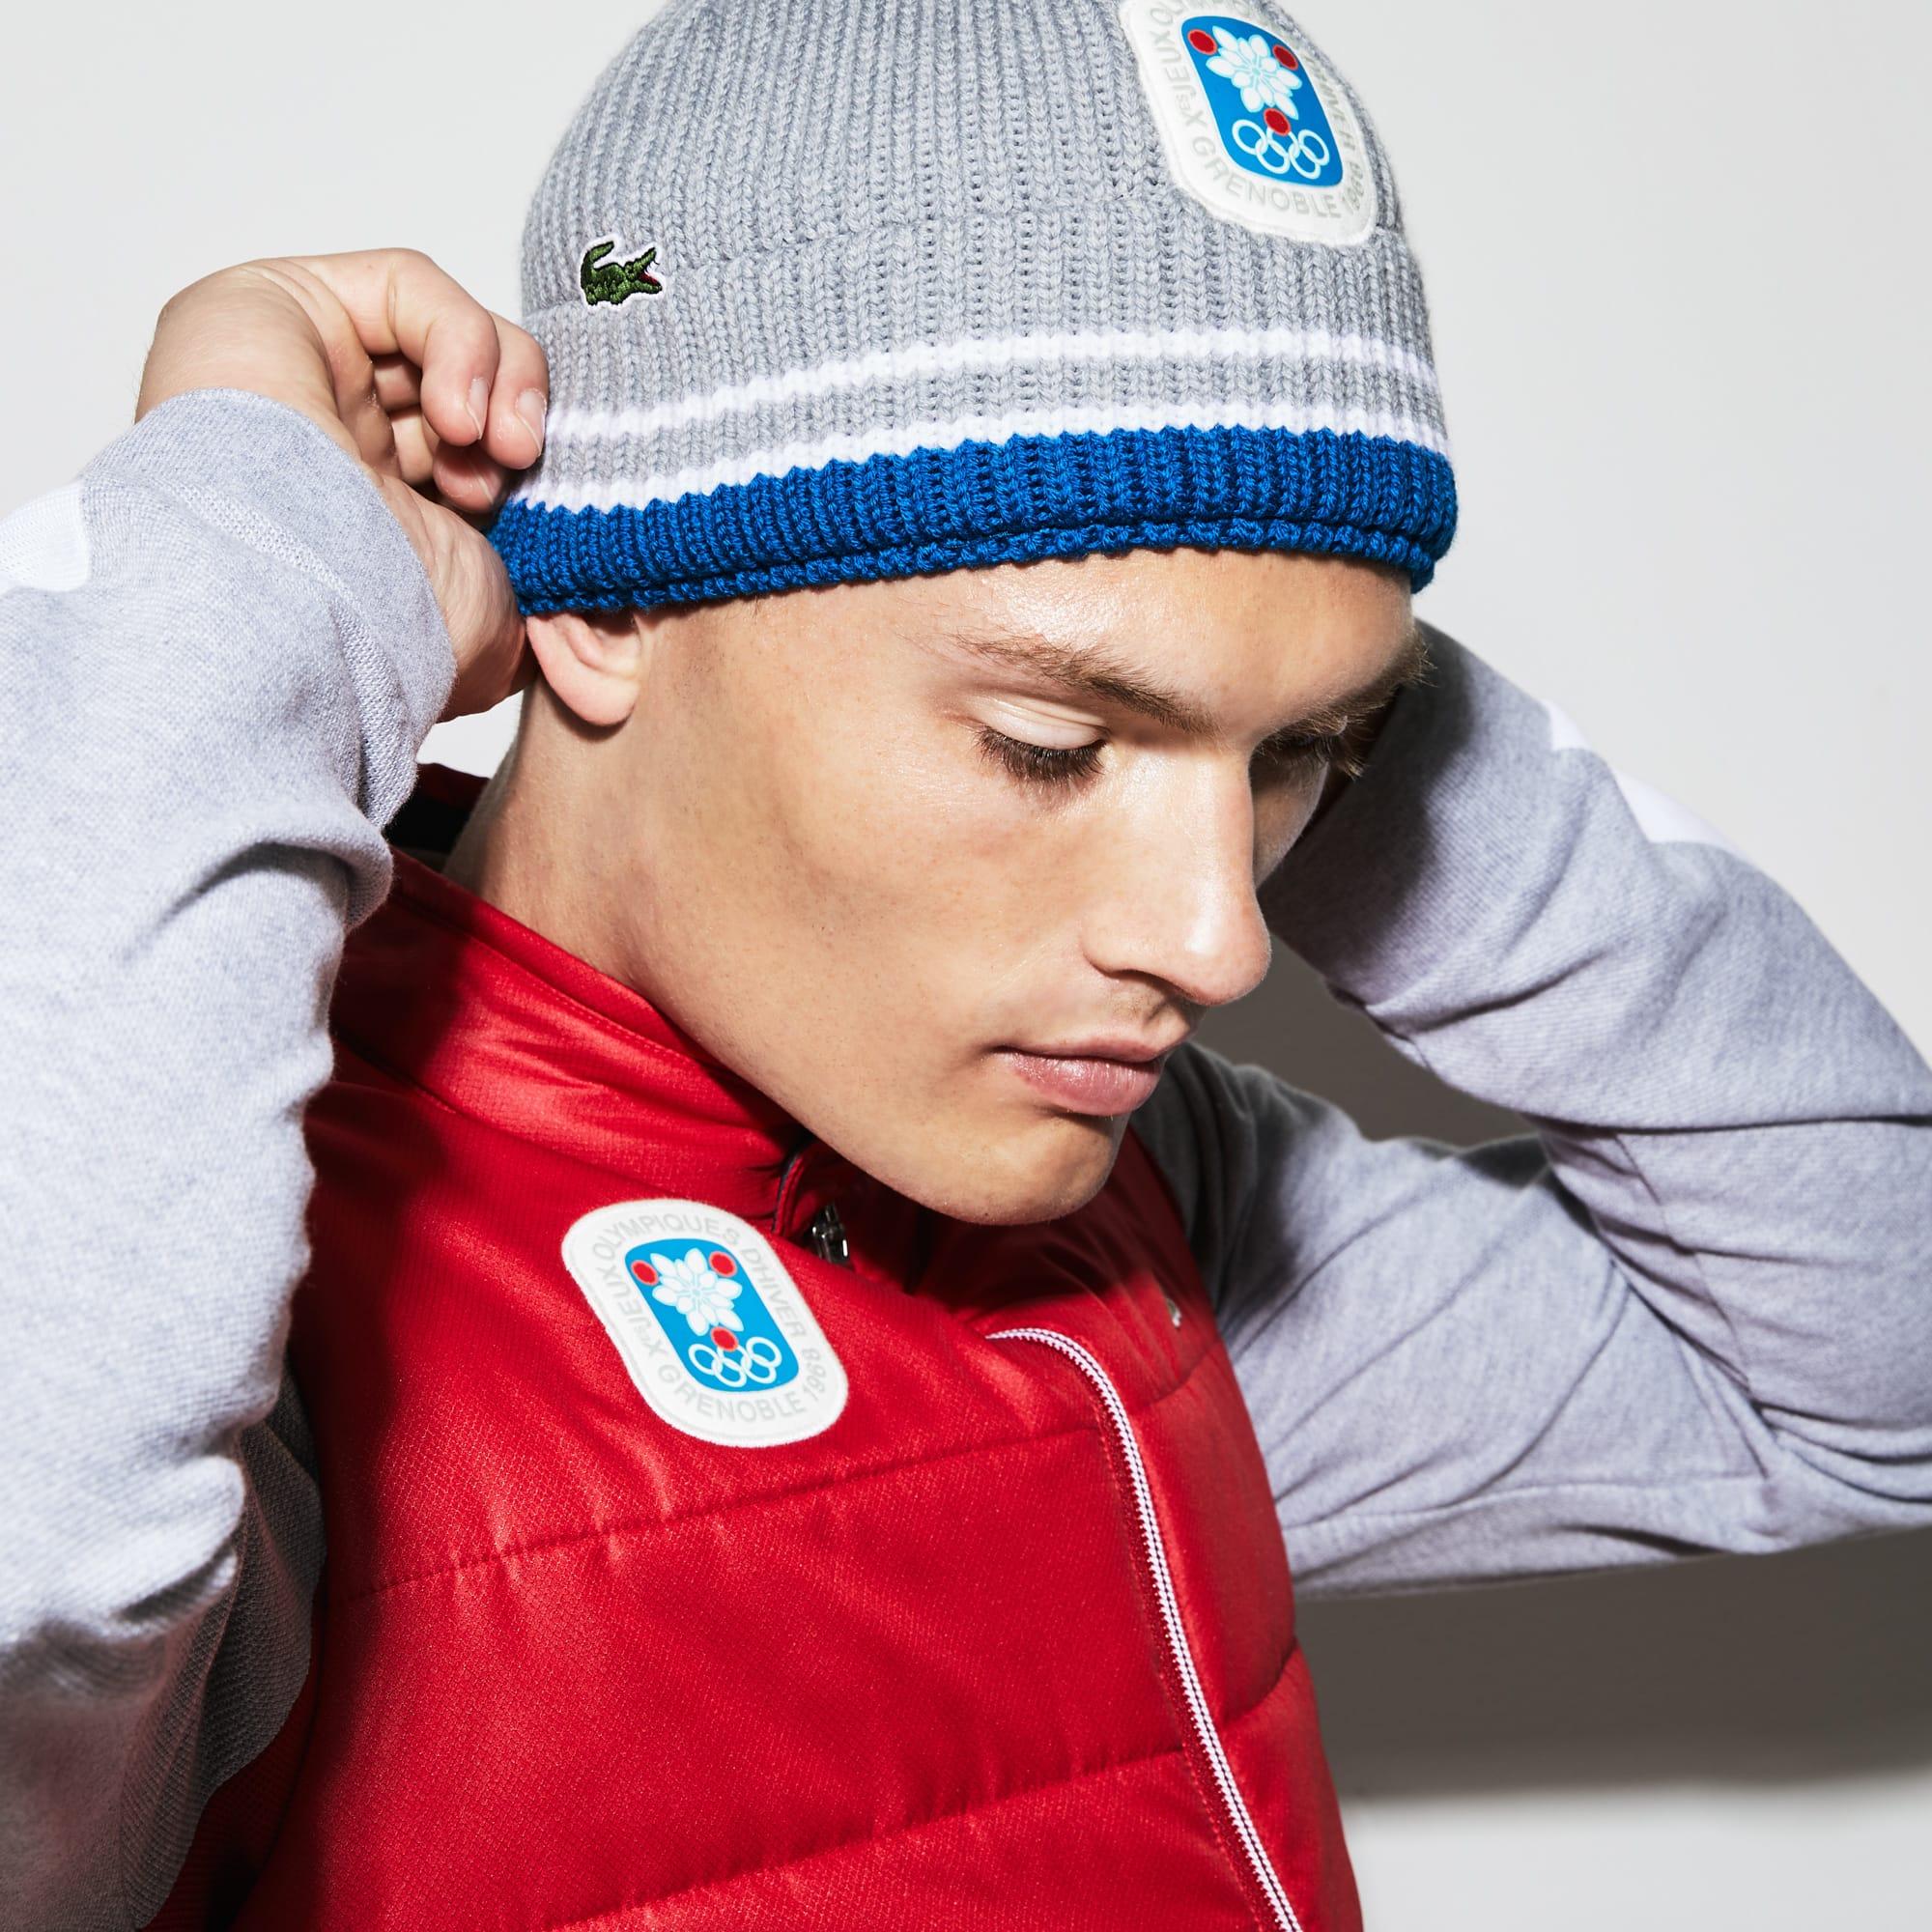 Lacoste SPORT系列奥运纪念版羊毛帽